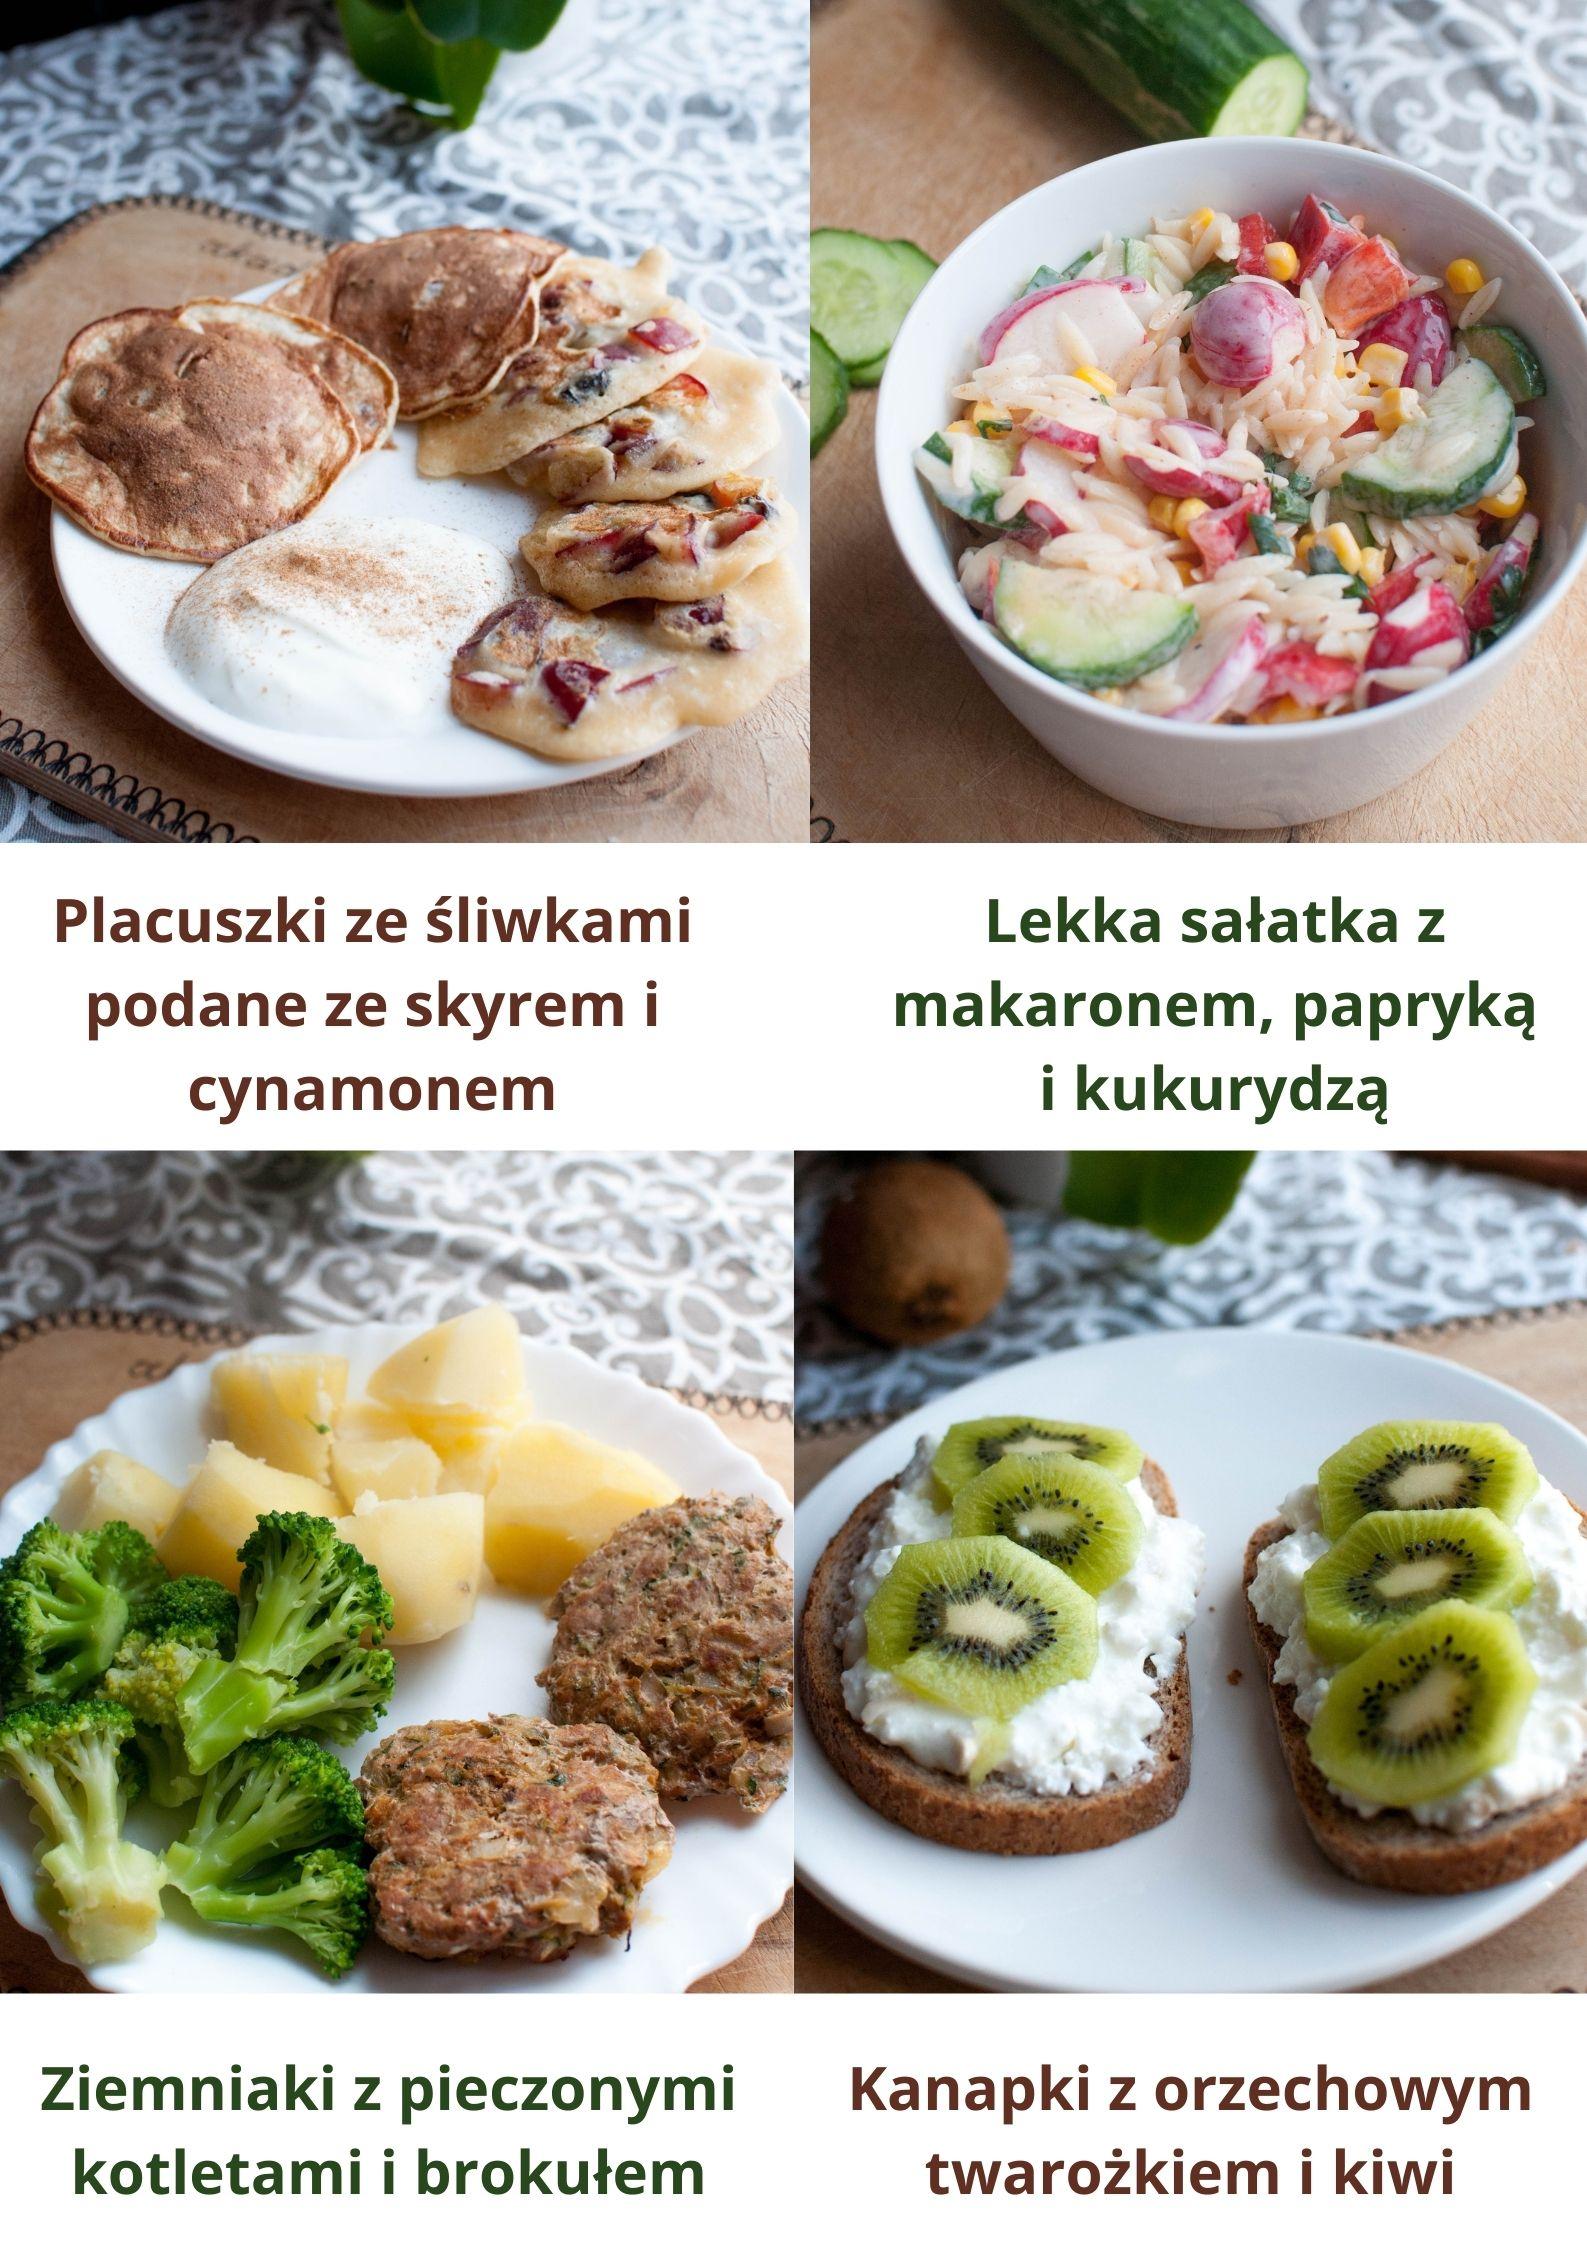 Gotowy jadłospis